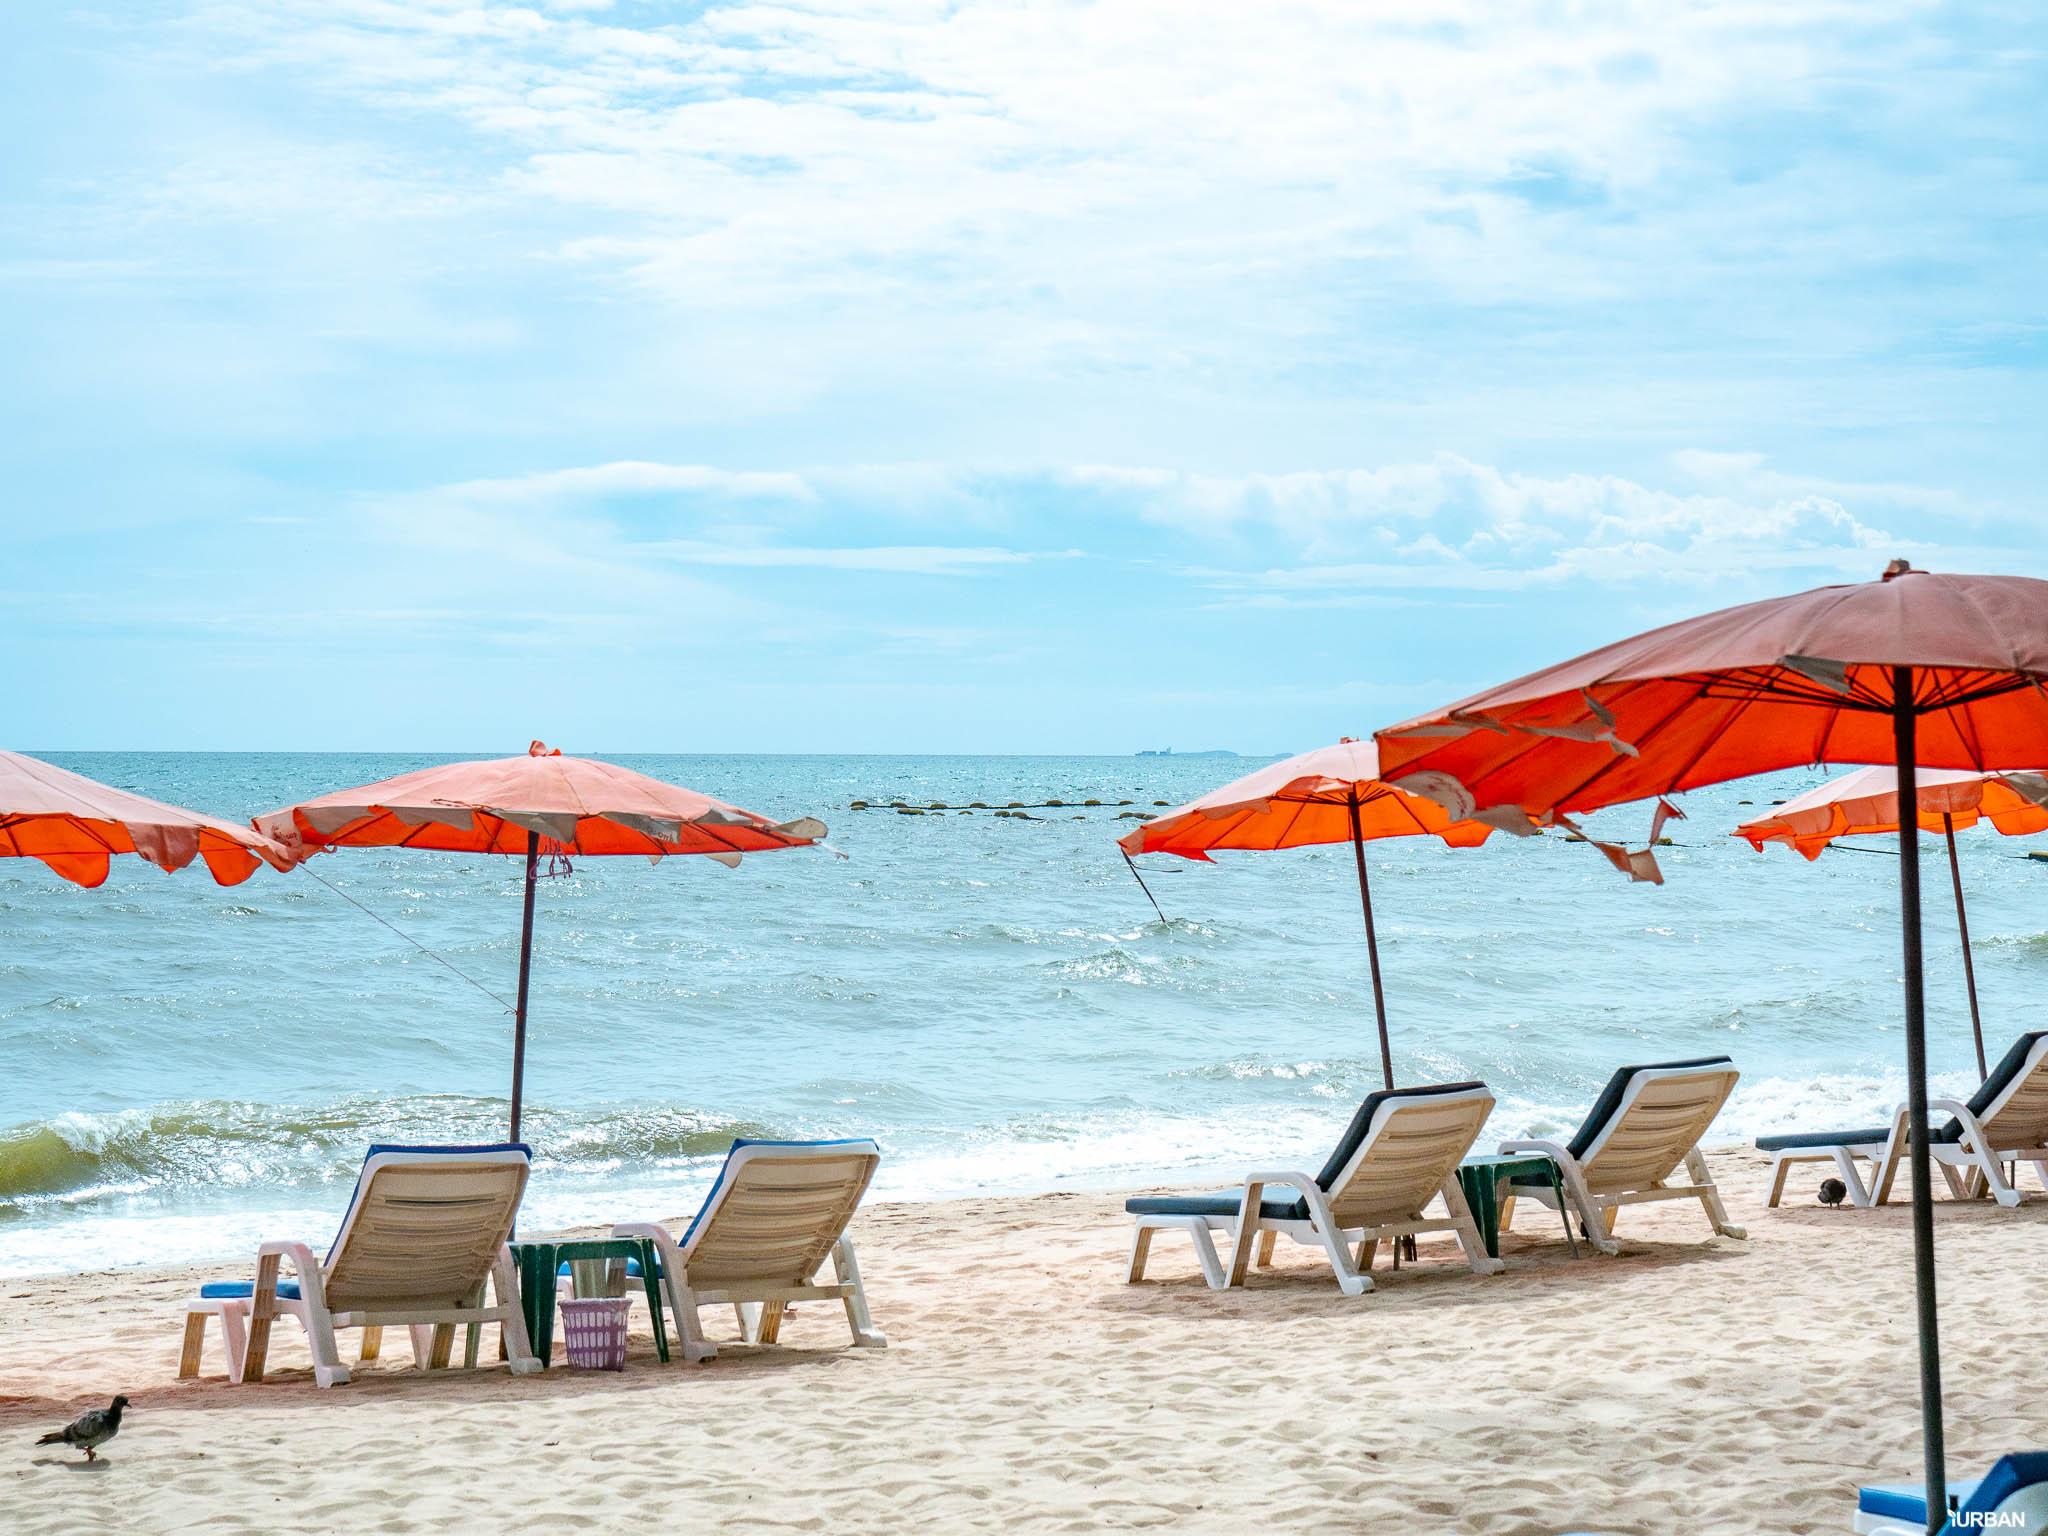 7 ชายหาดทะเลพัทยา ที่ยังสวยสะอาดน่าเที่ยวใกล้กรุงเทพ ไม่ต้องหนีร้อนไปไกล ก็พักได้ ชิลๆ 143 - Beach